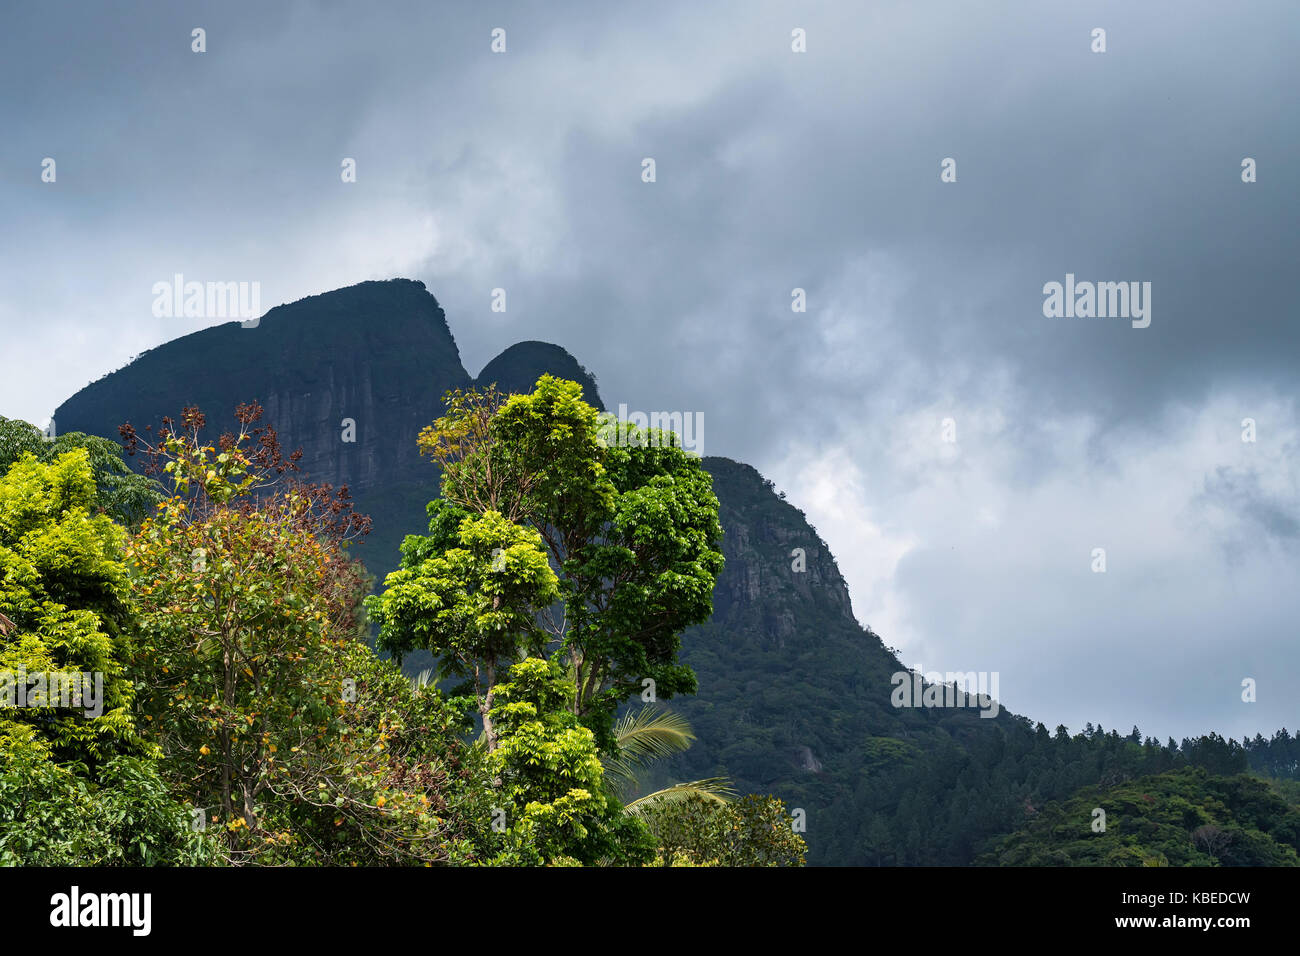 Vista panorámica del bosque de montaña srilankan Imagen De Stock